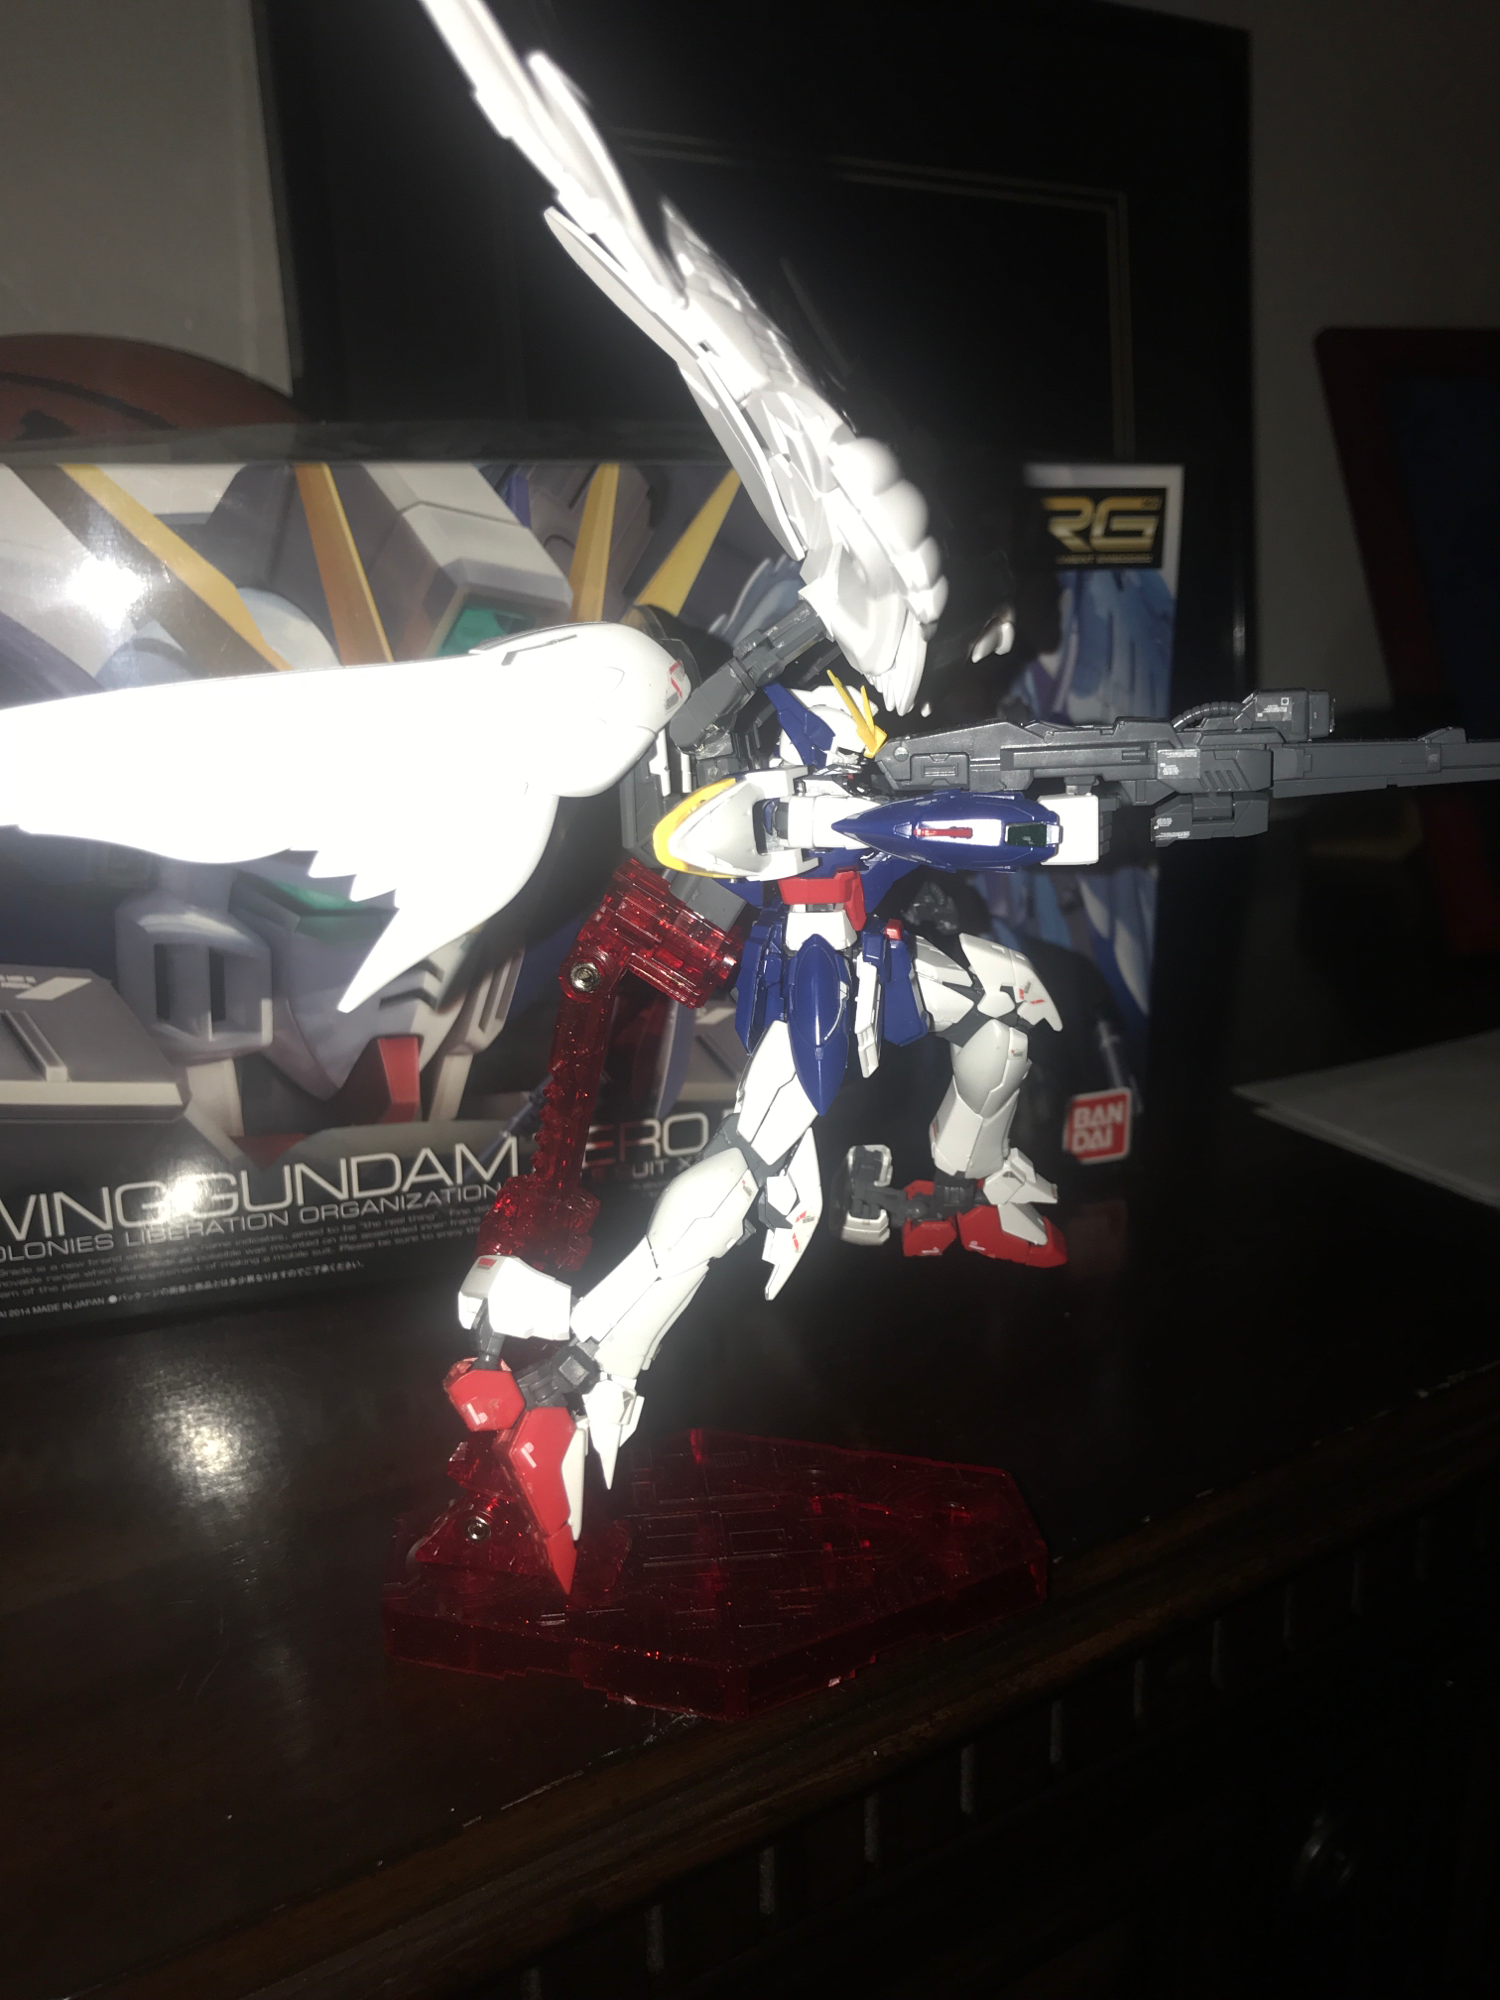 He is a Bad Gundam taking aim